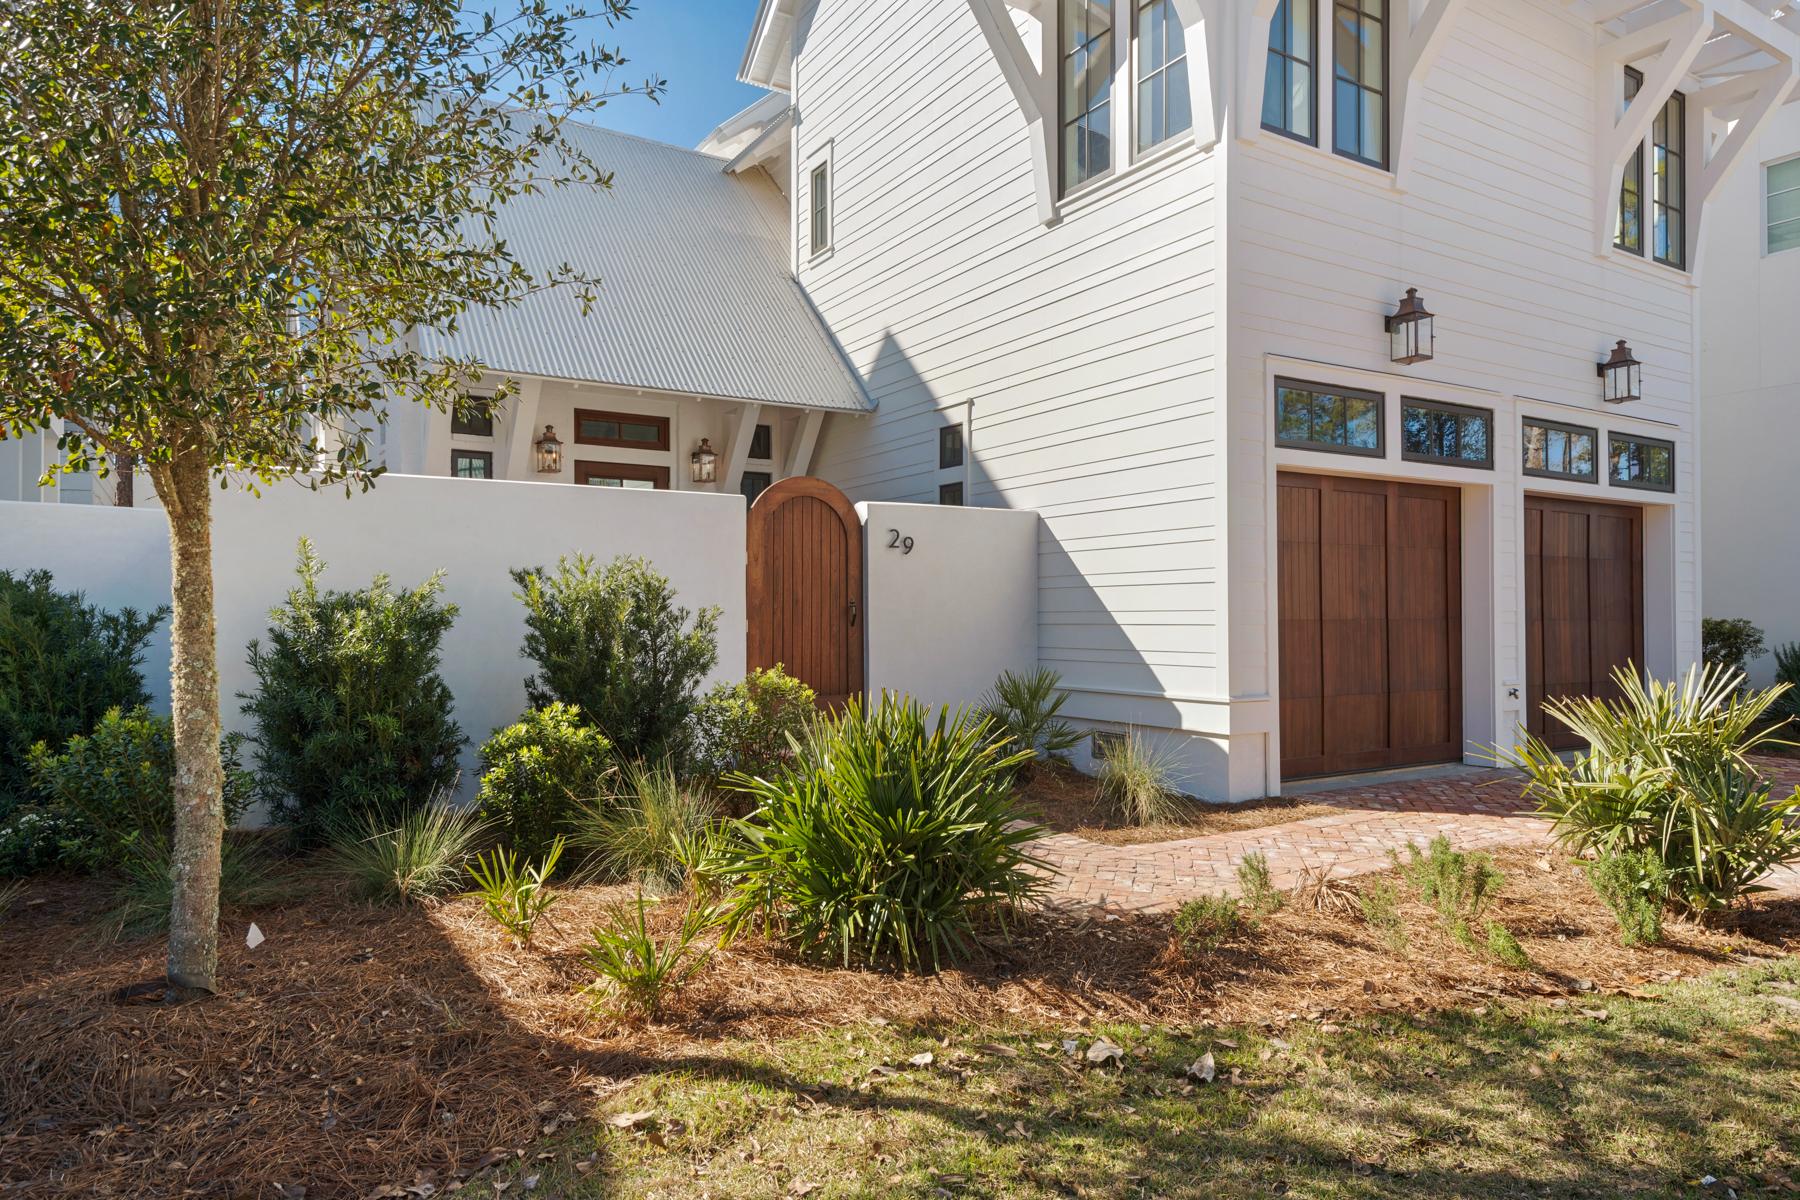 一戸建て のために 売買 アット NEW CONSTRUCTION IN CHURCHILL OAKS 29 Bennett Santa Rosa Beach, フロリダ, 32459 アメリカ合衆国